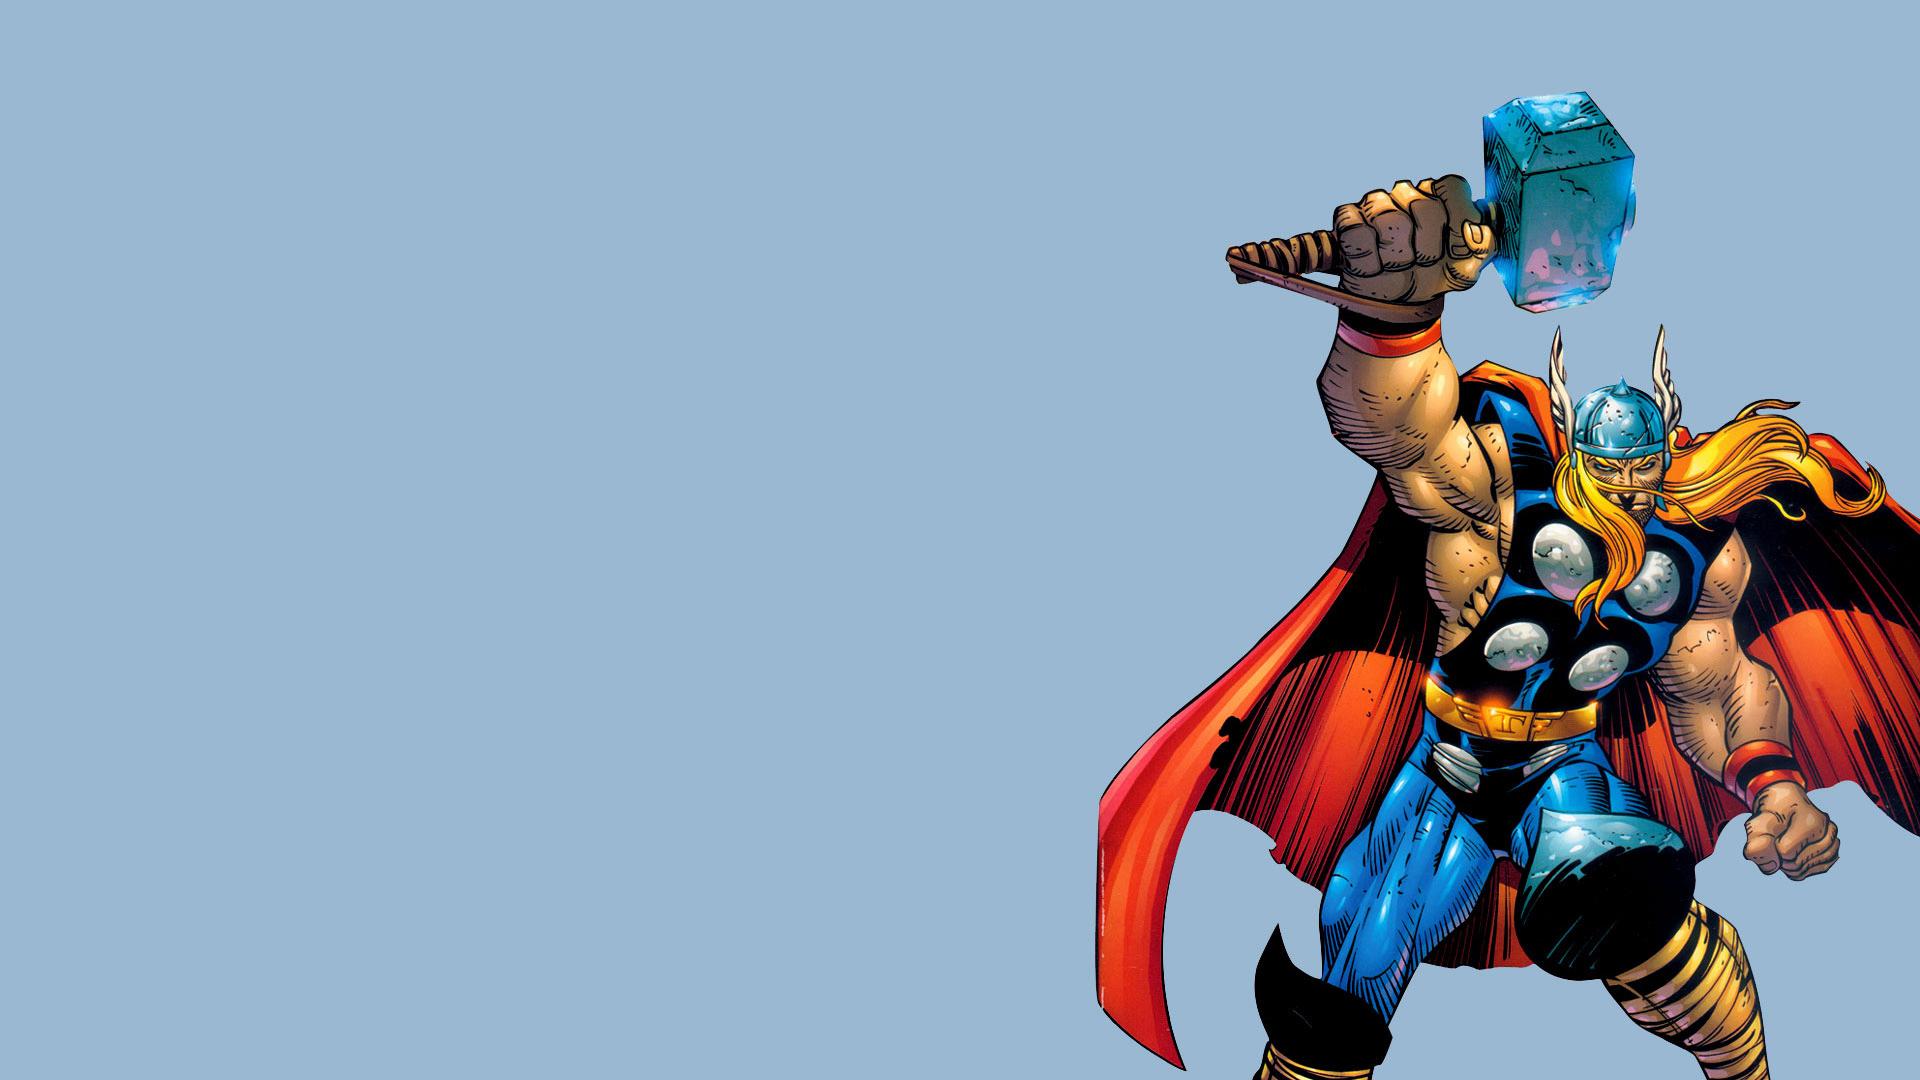 Imágenes de Thor en HD para WhatsApp | Fondos-Wallpappers ...